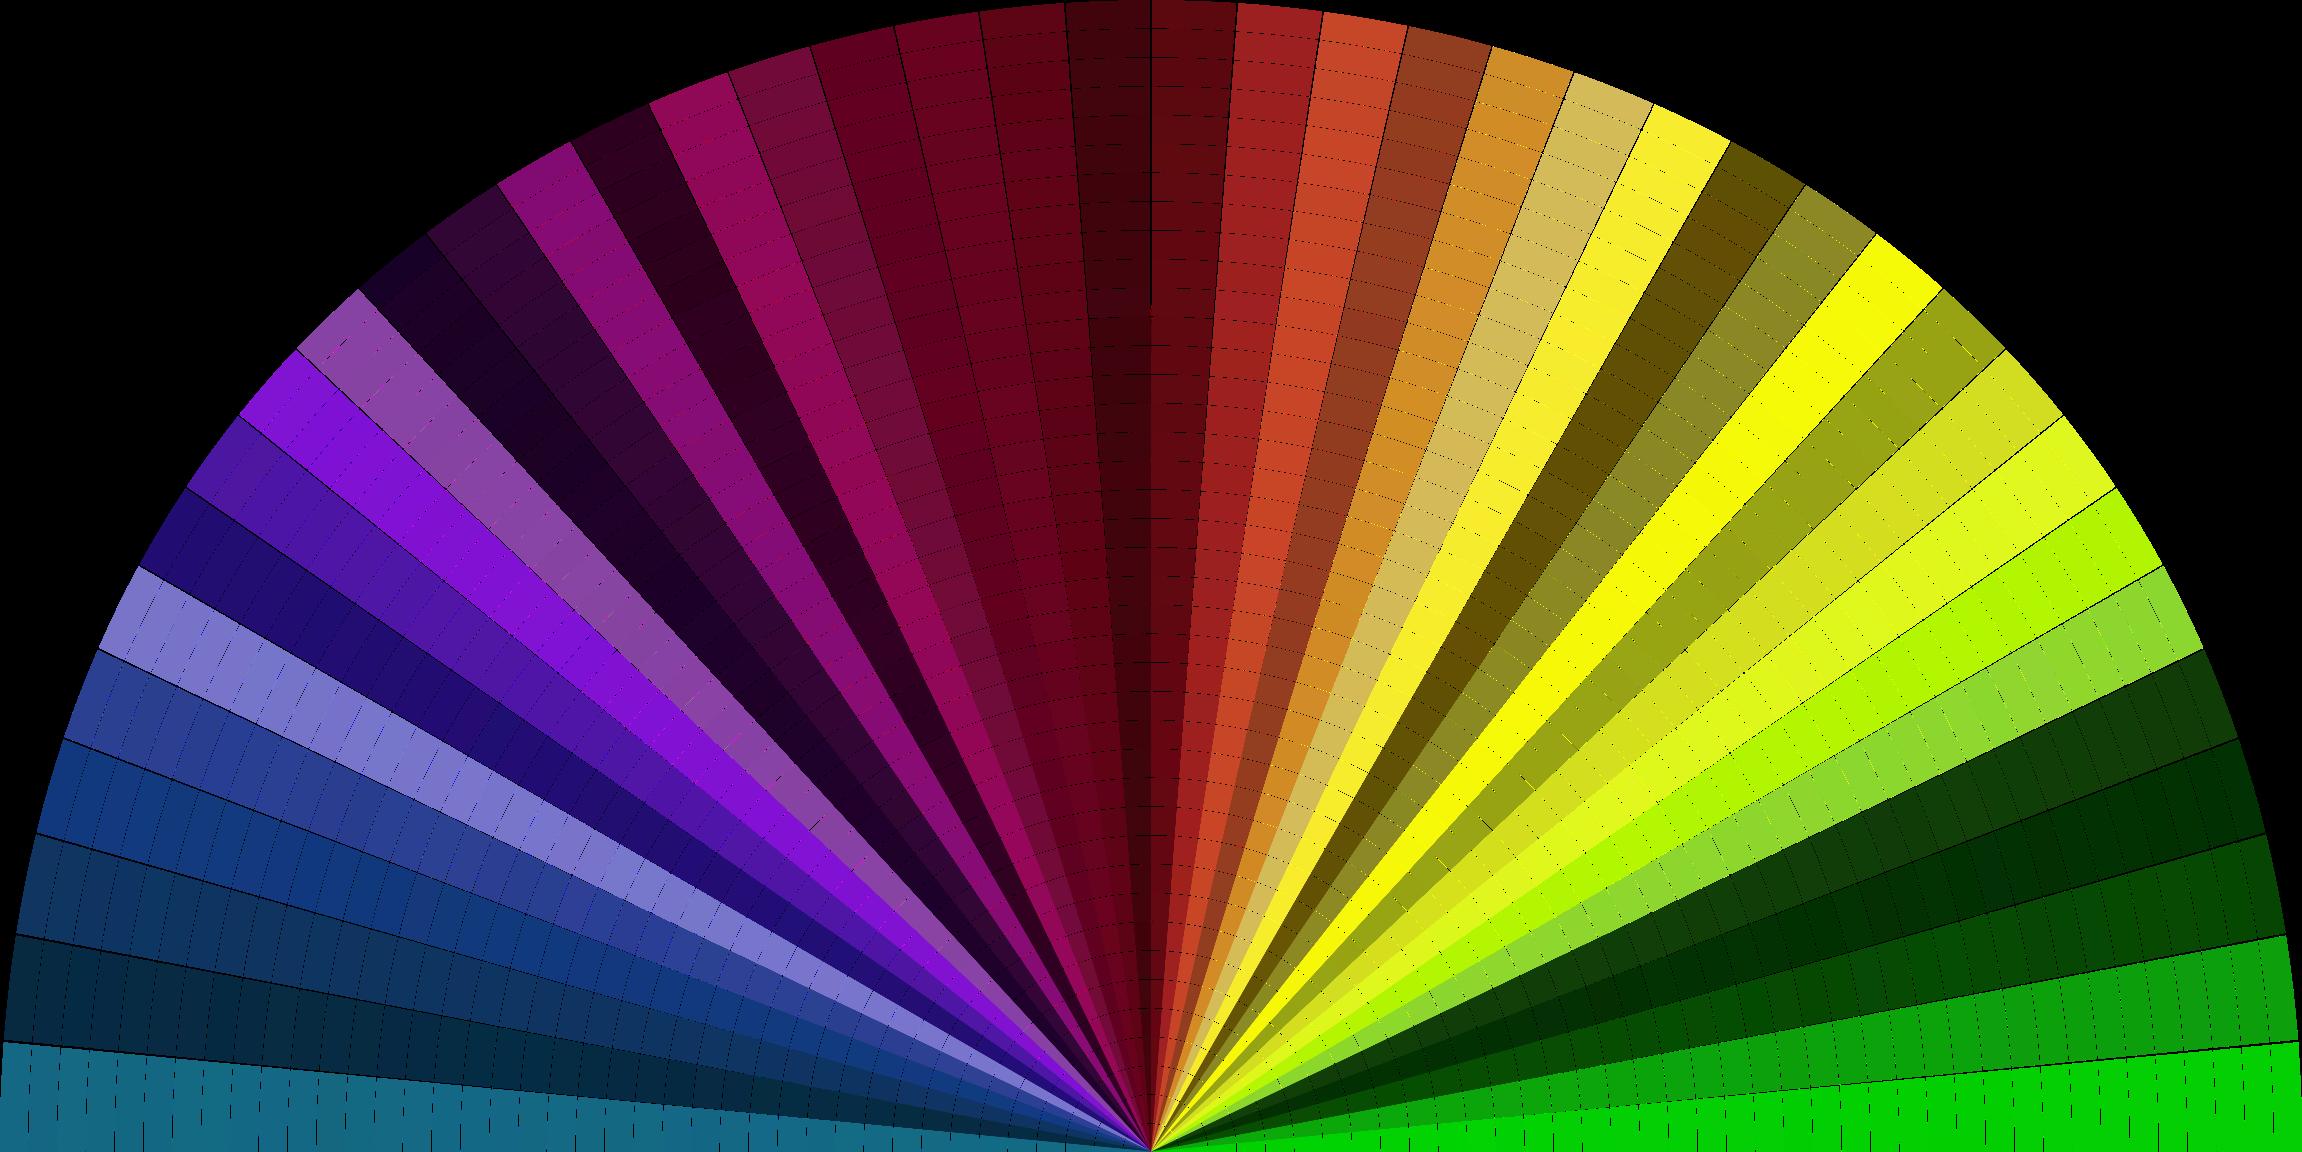 Clipart wave wave shape wave. Fan spectrum mosaic big